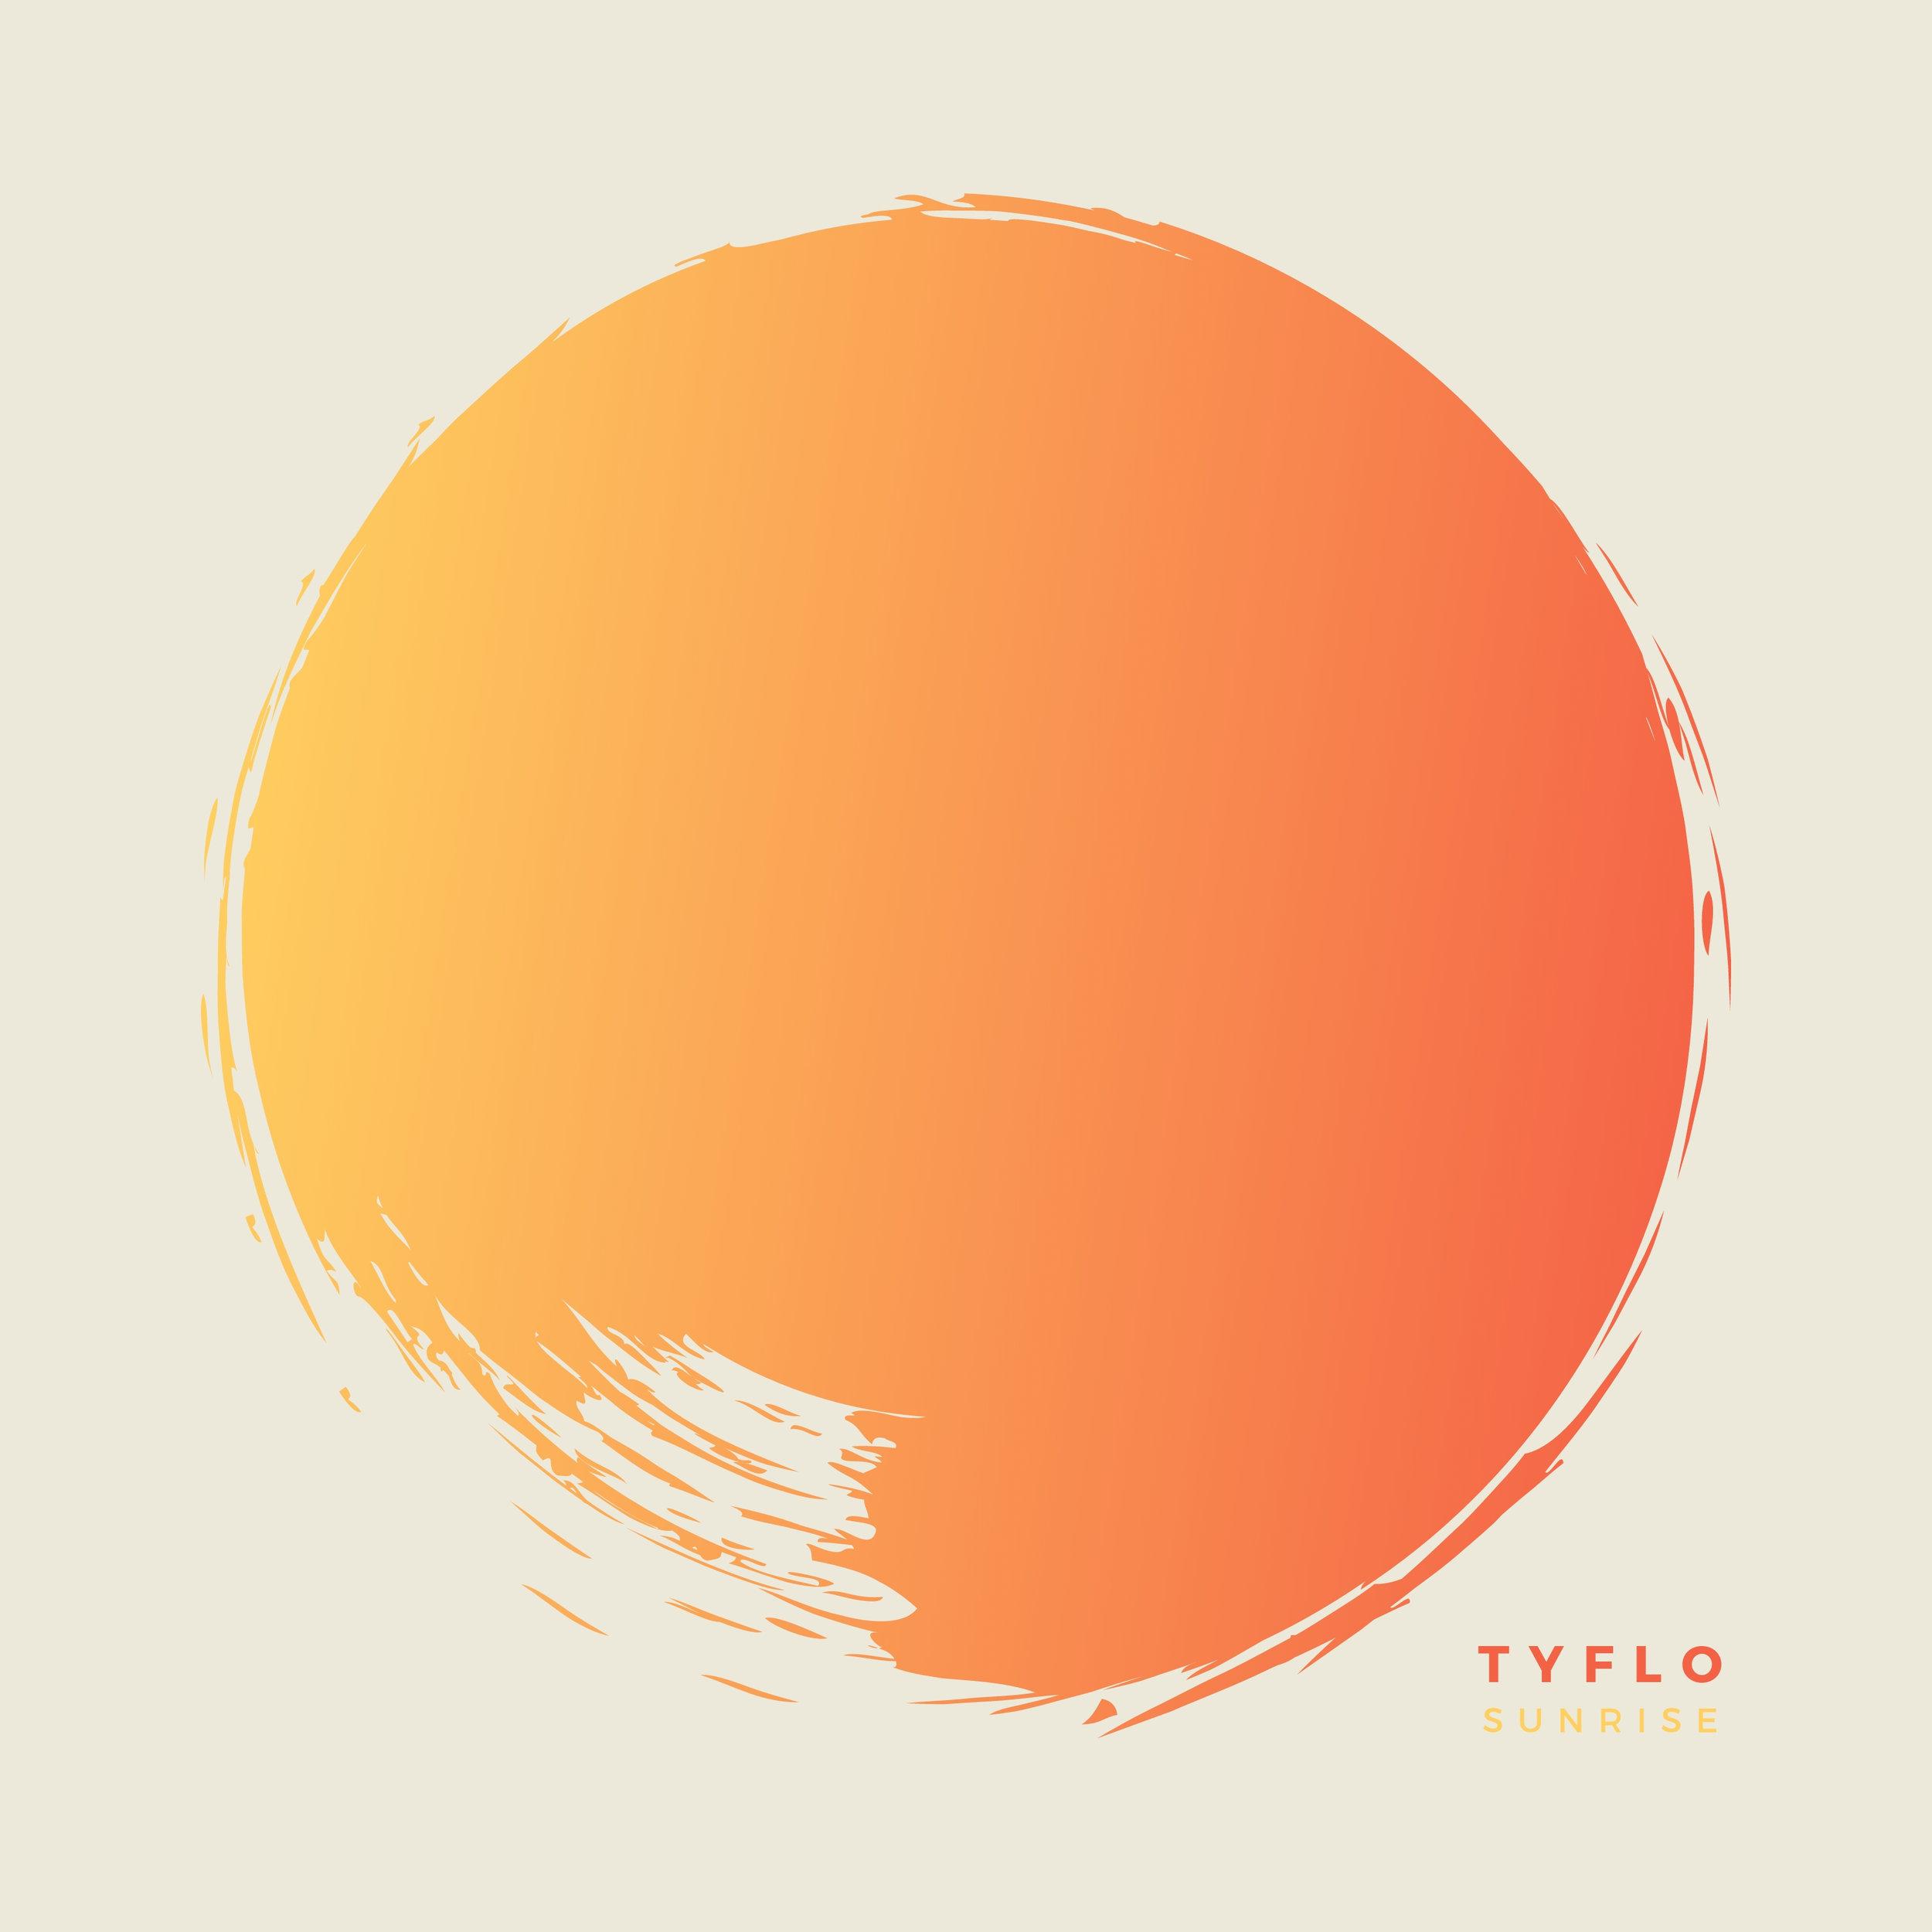 Tyflo Sunrise.jpg